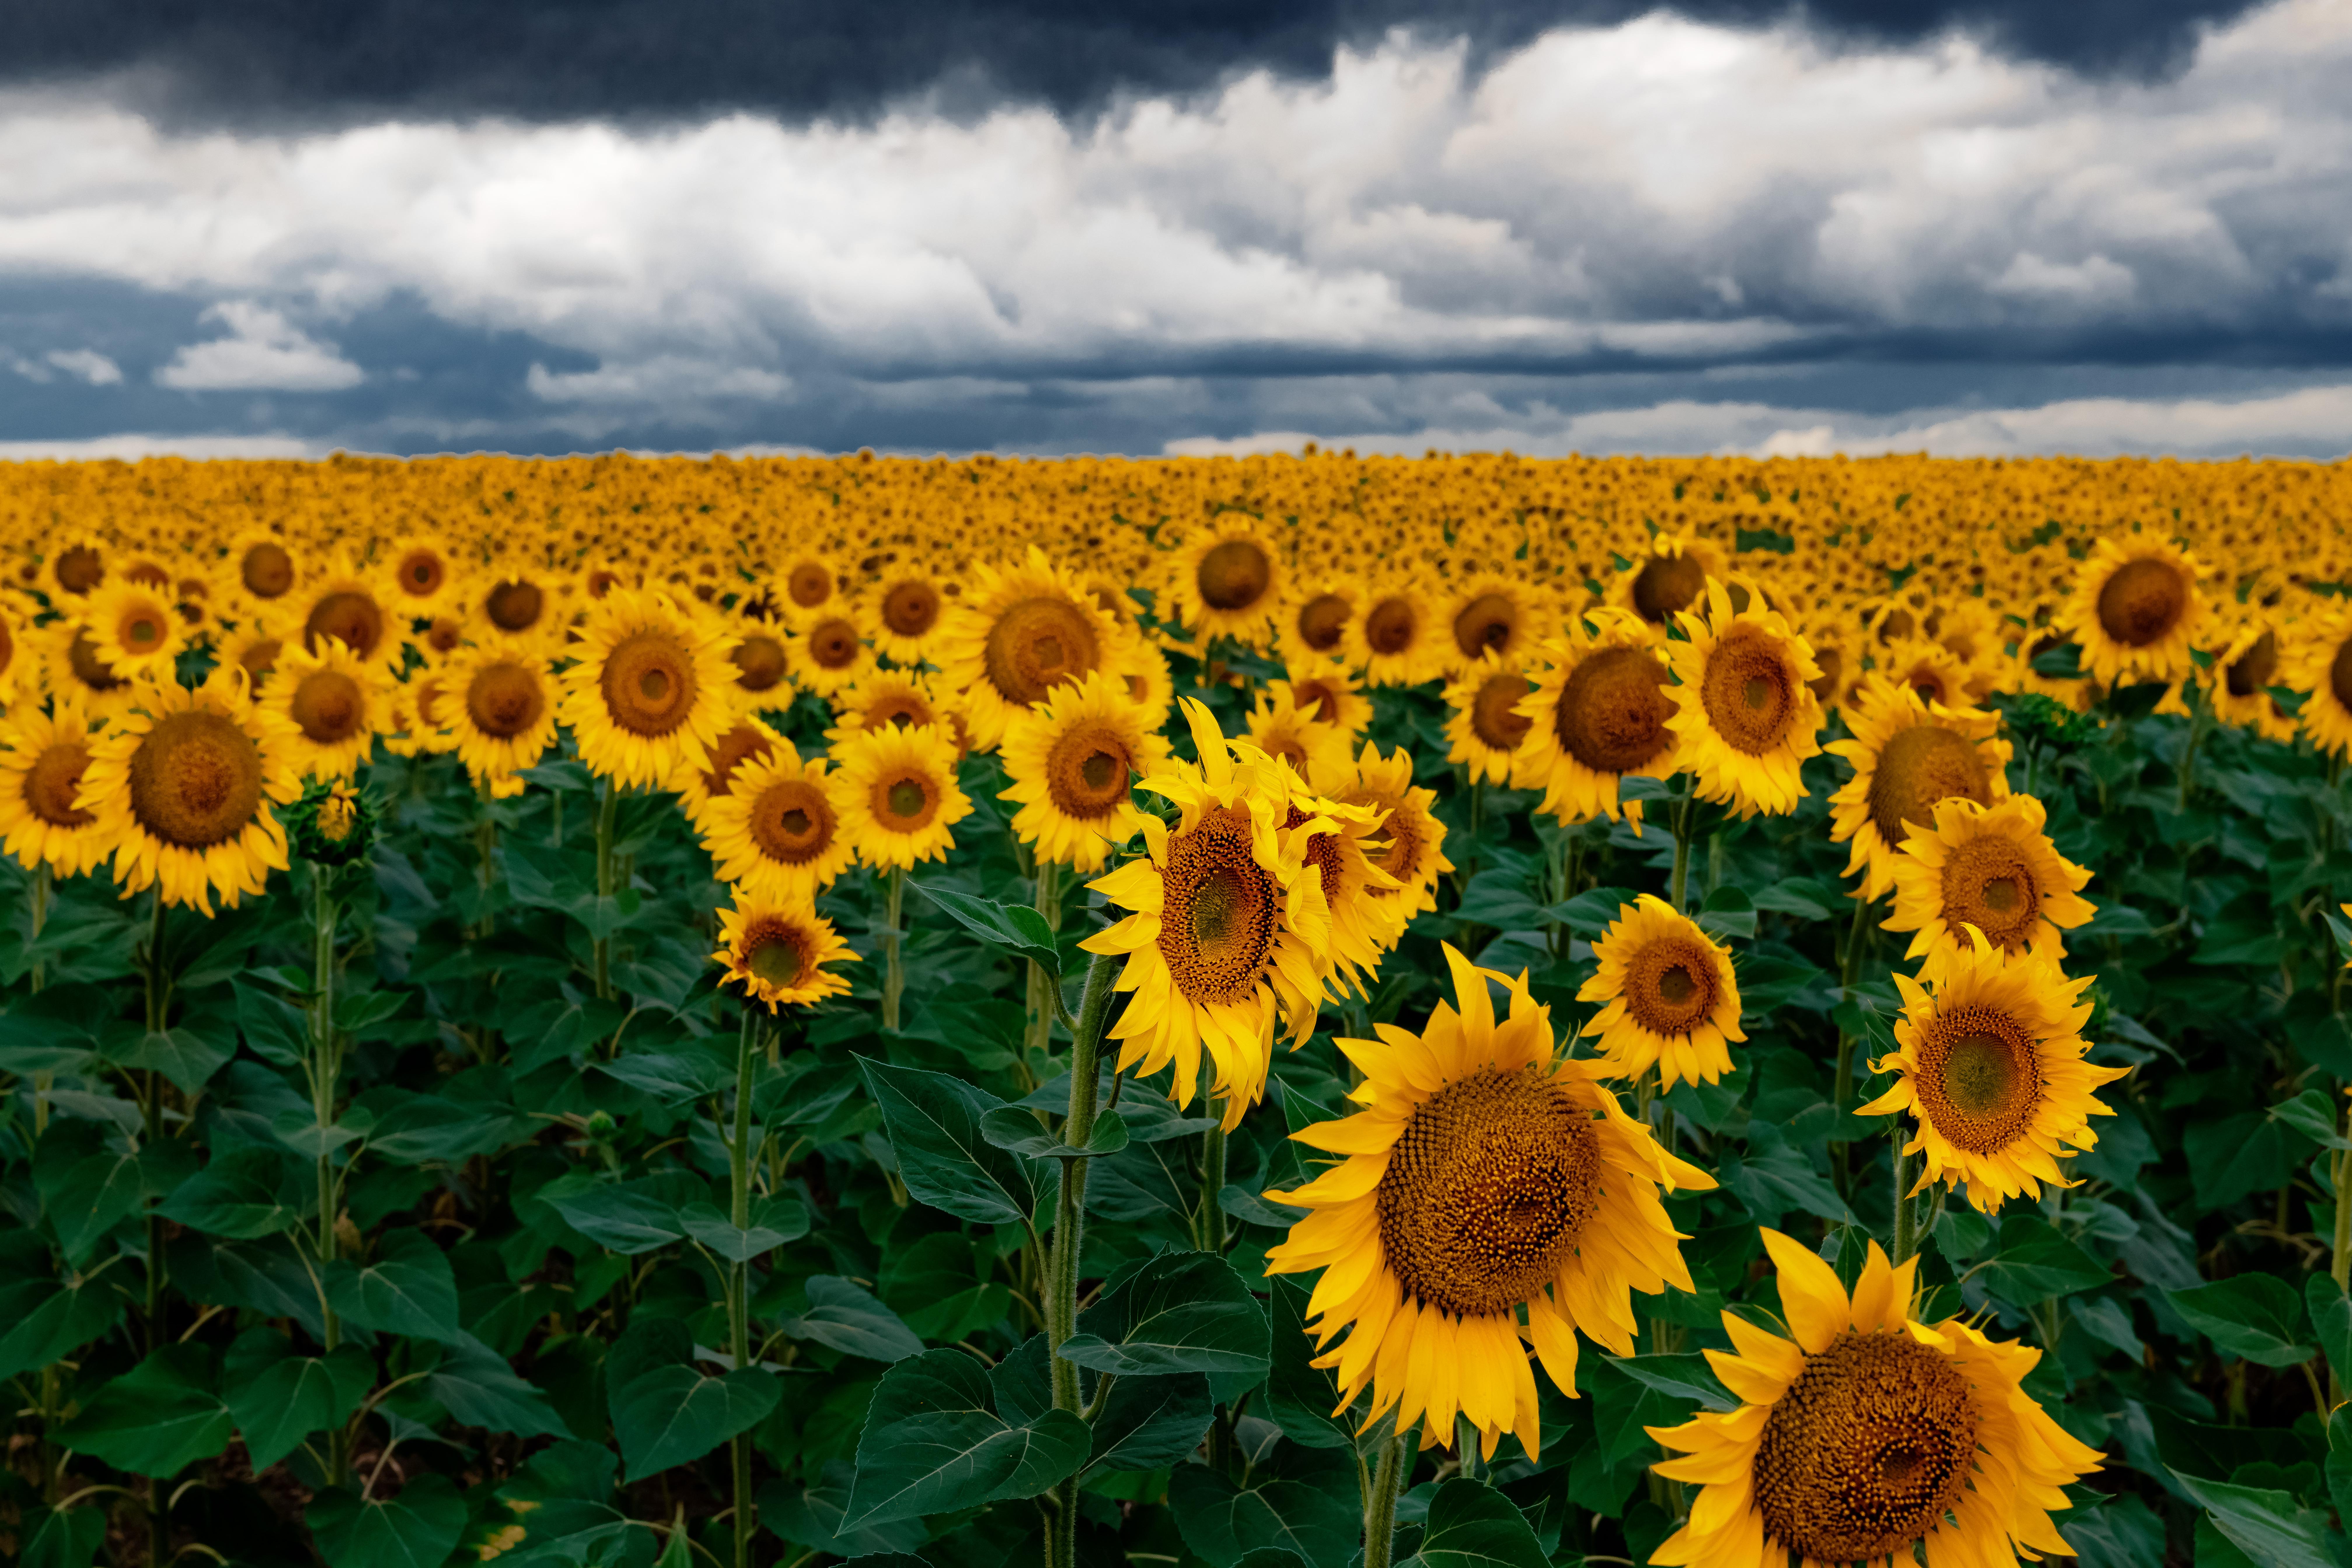 Gambar Bunga Matahari Bidang Langit Awan Kuning Menanam Perkebunan Tanaman Berbunga Makanan Vegetarian Padang Rumput Pemandangan Biji Bunga Matahari Bunga Liar Polos Masakan Tanah Pertanian Keluarga Daisy Asterales Tanaman Tahunan